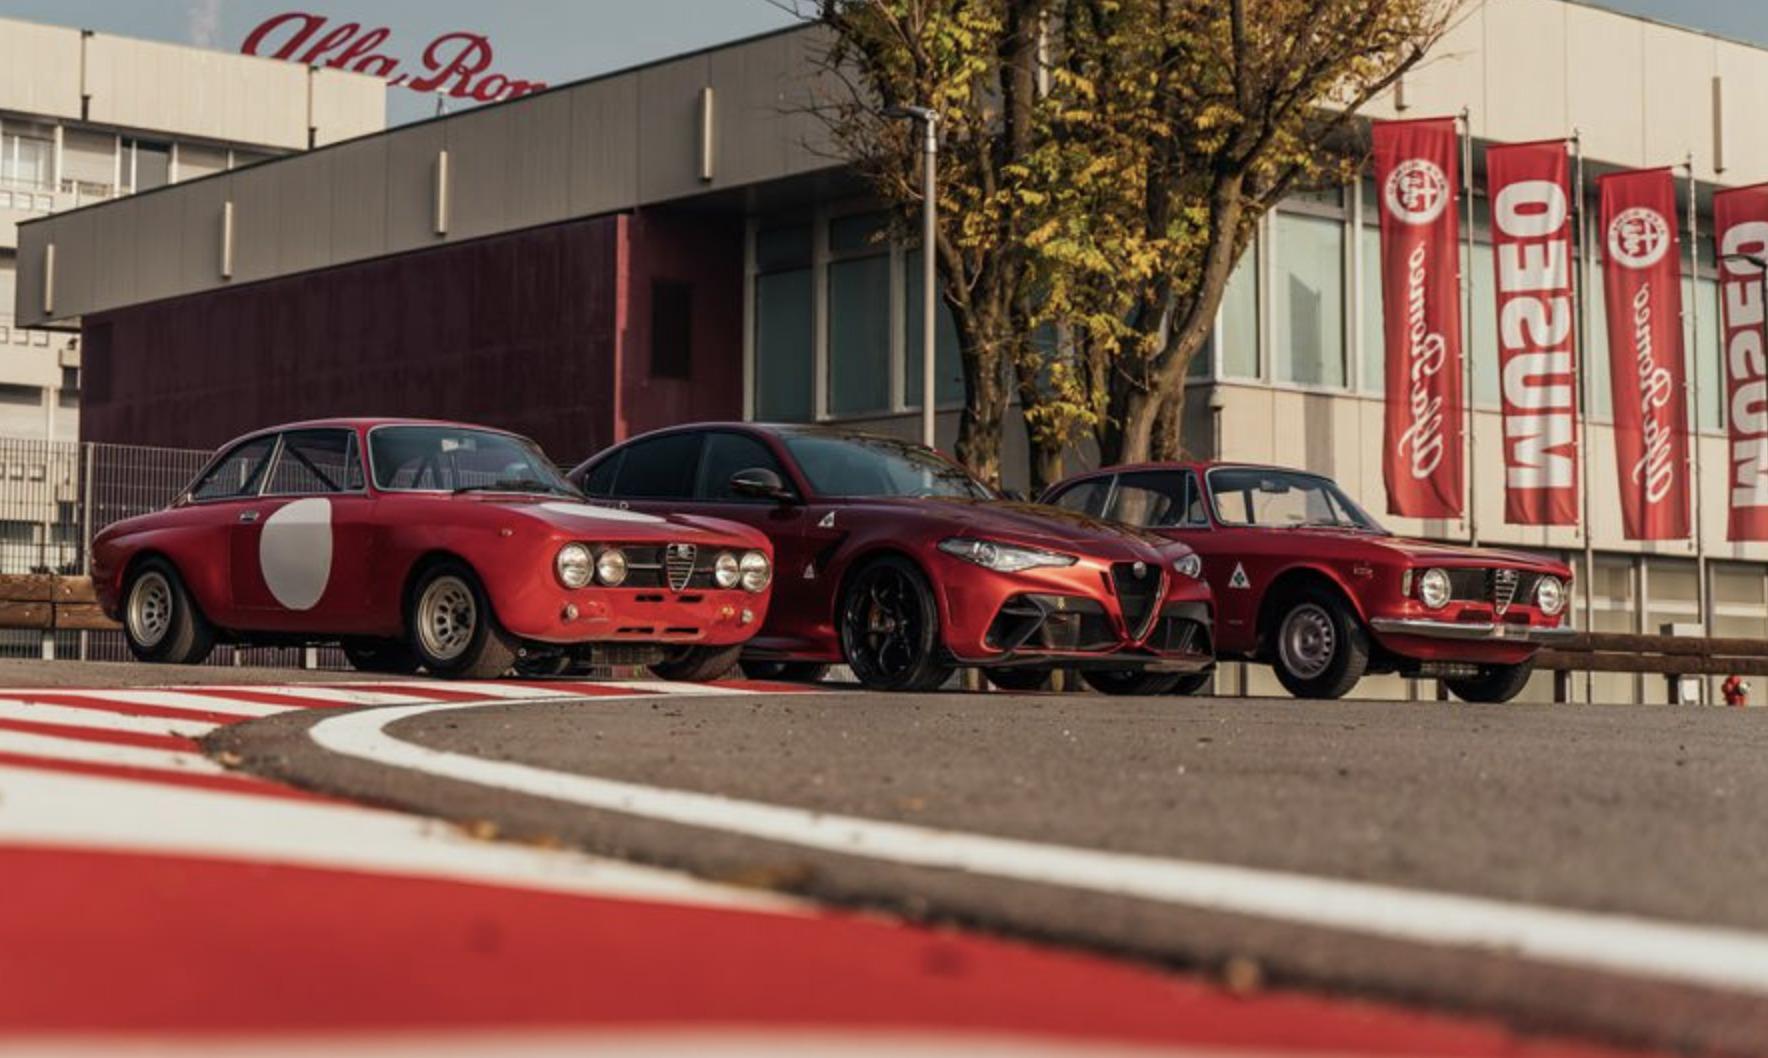 Alfa Romeo celebra su 111º aniversario como fabricante de vehículos